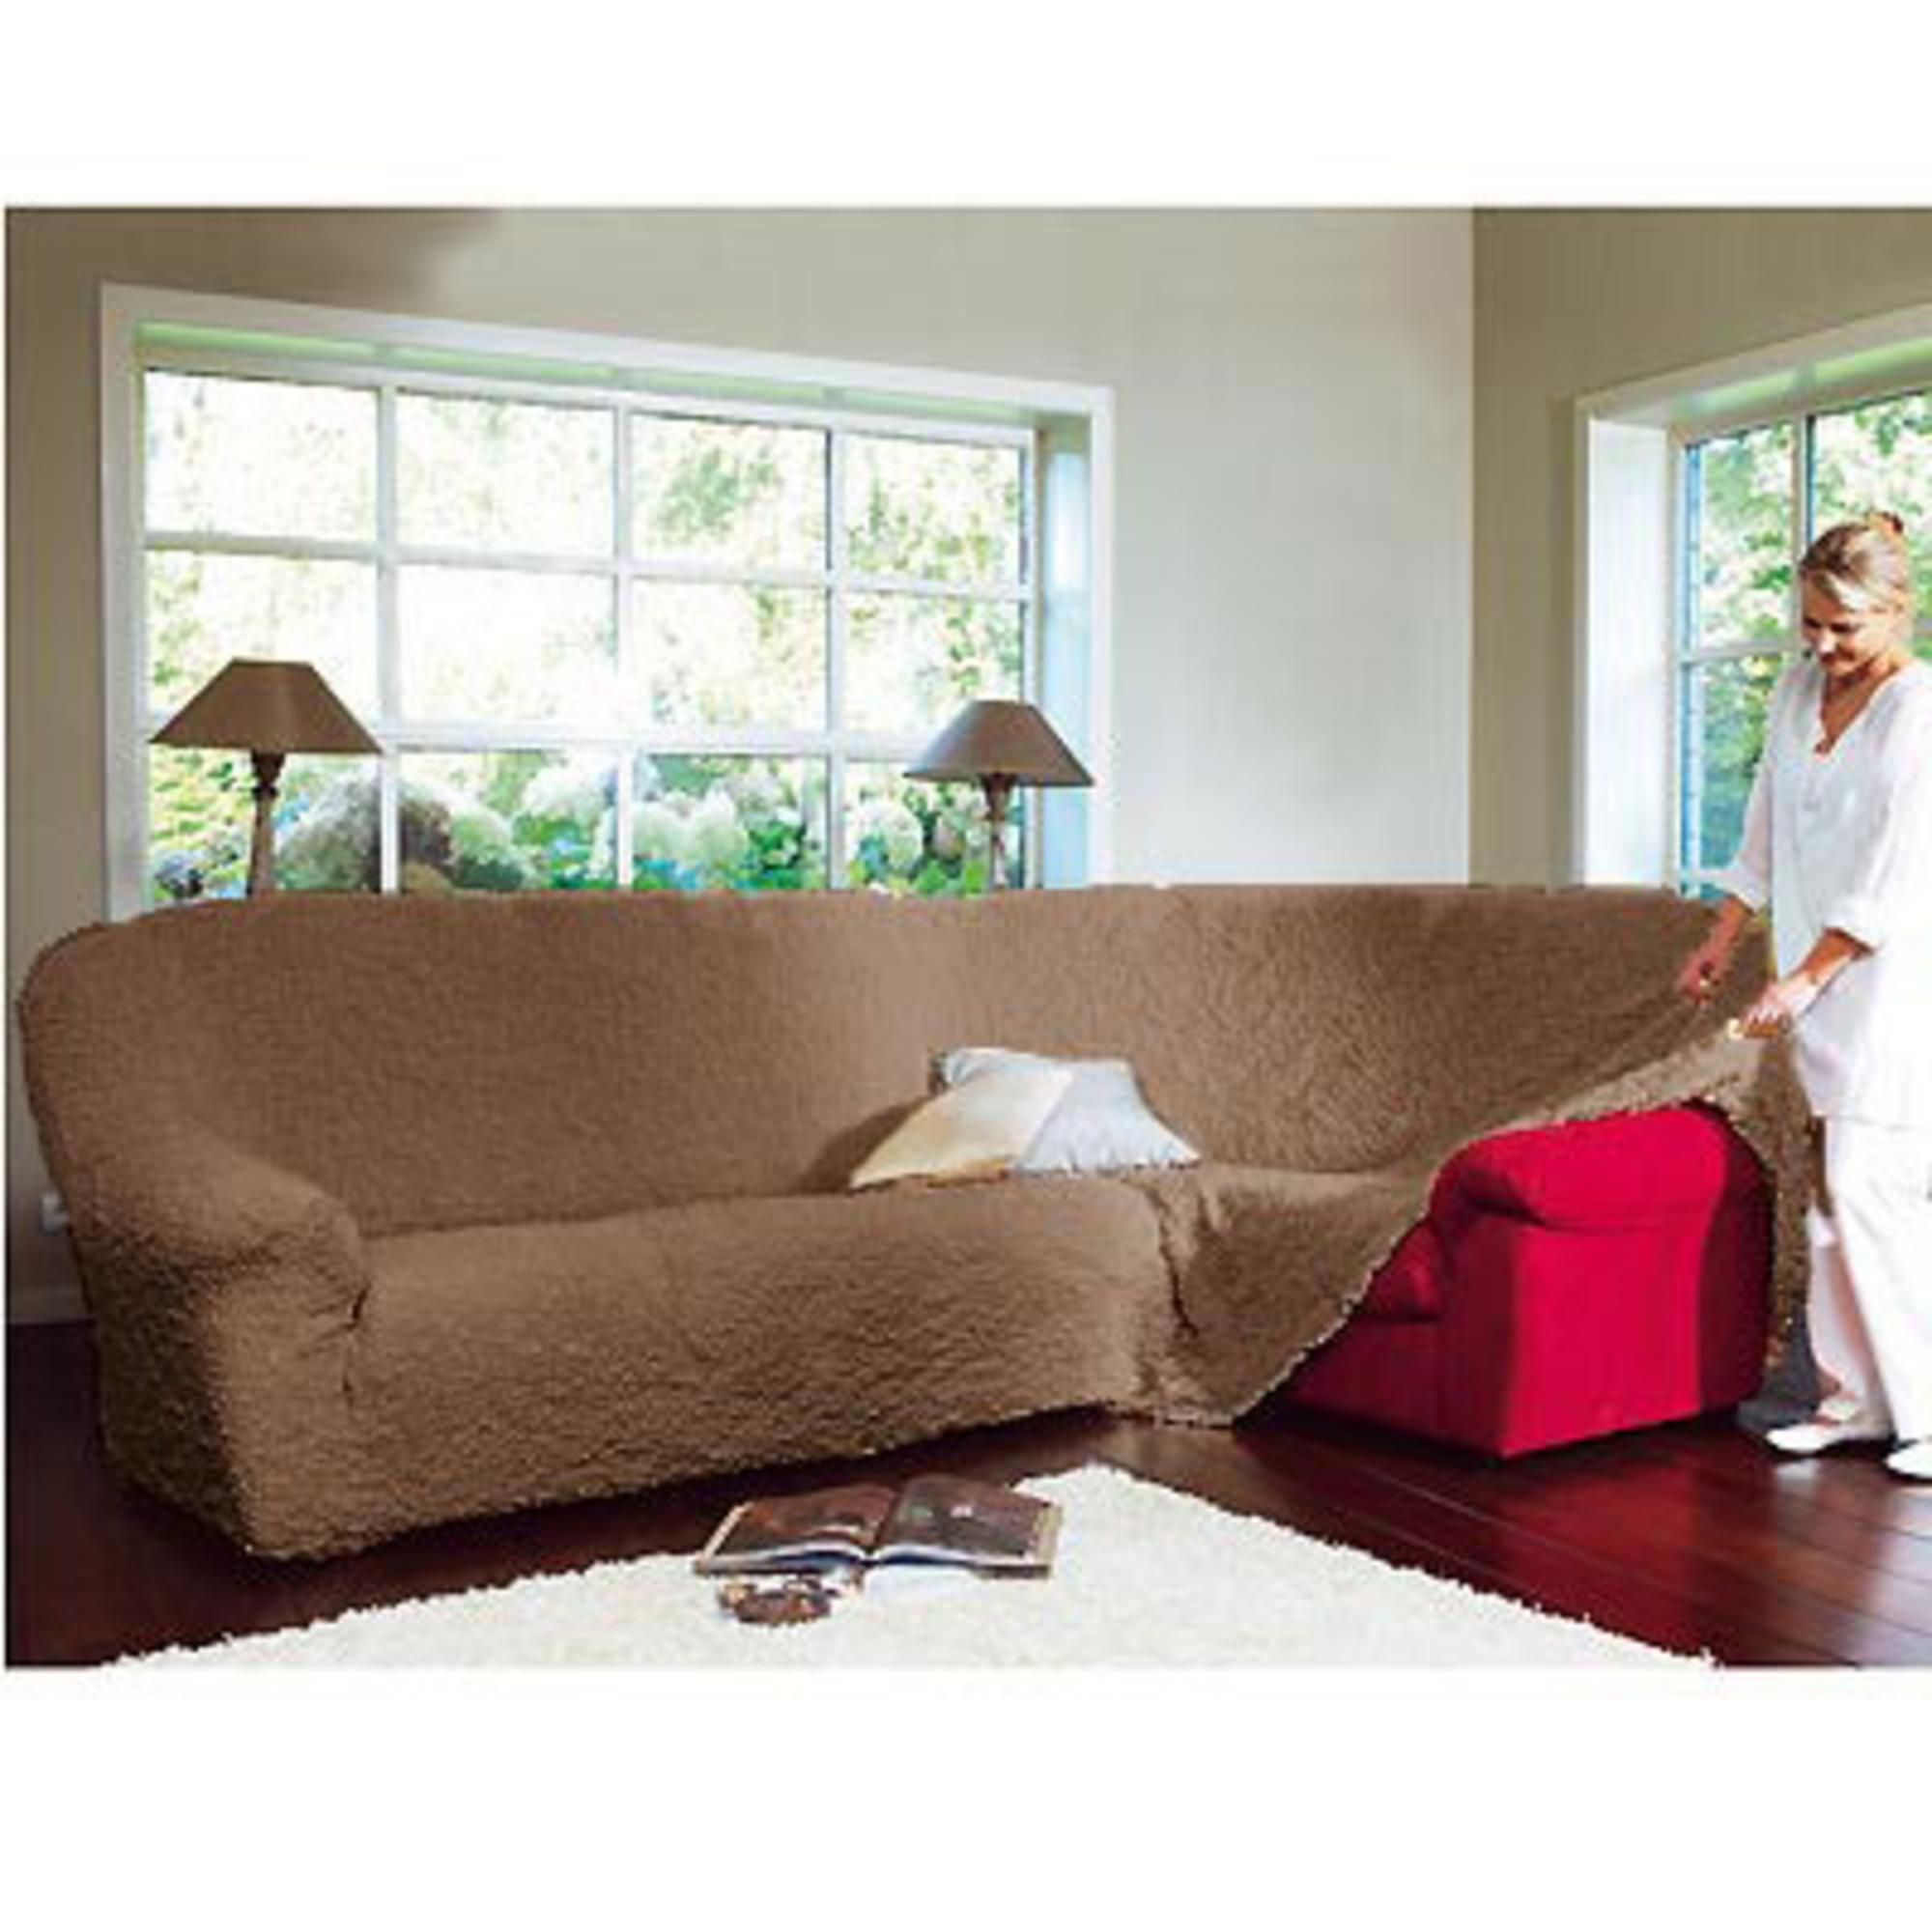 Housse canap bz conforama maison et mobilier d 39 int rieur for Housse clic clac 3 places